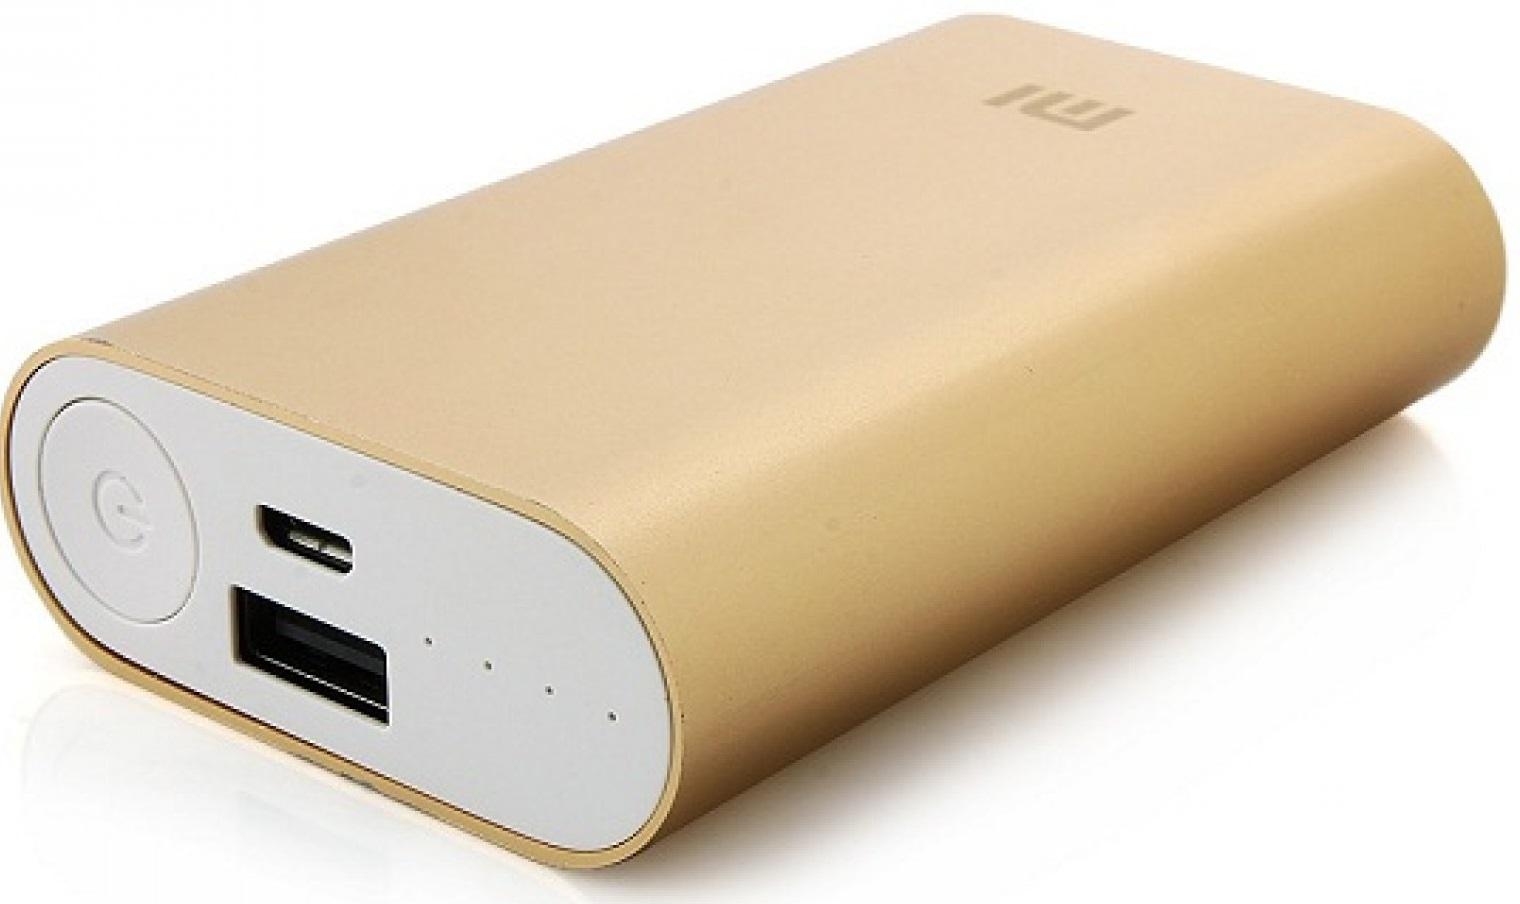 Xiaomi Tech Mi Power Bank 10000 mAh нд